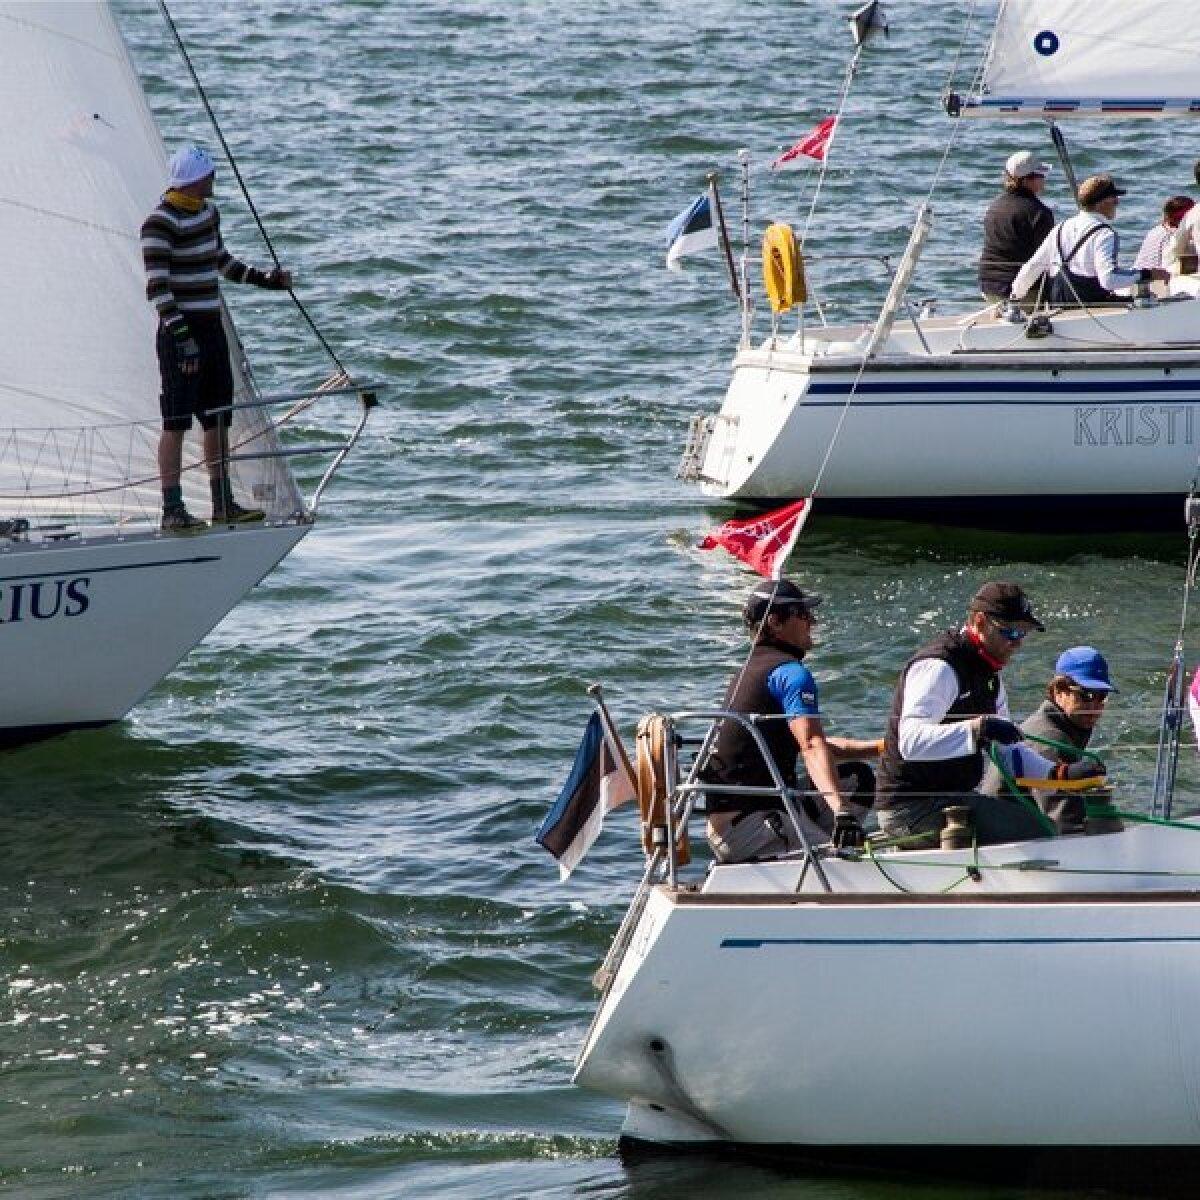 Muhu väina regati start Heltermaa-Kuivastu 15.07.2013